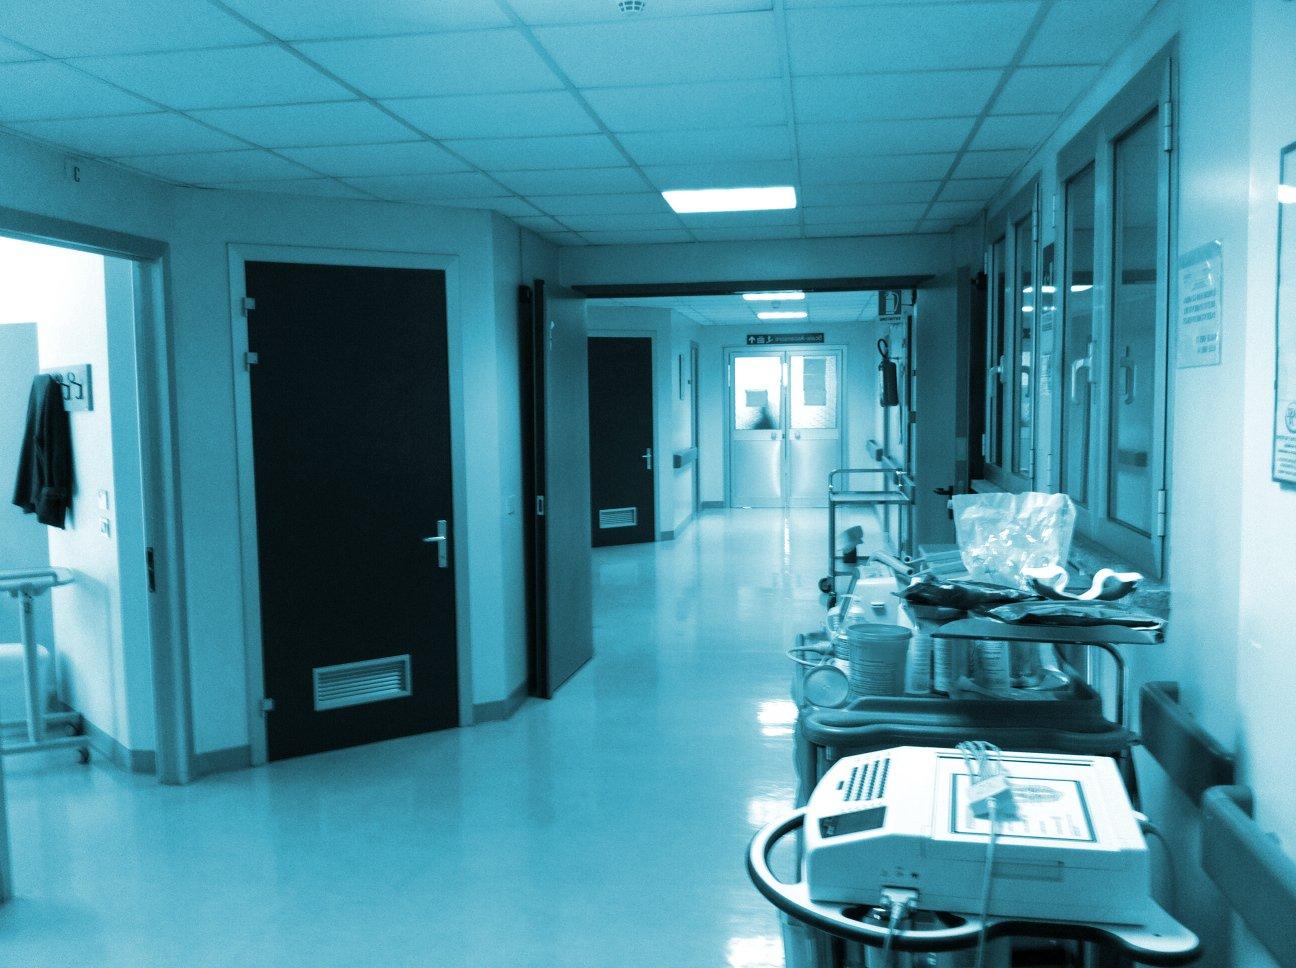 La Asl avvia l'iter per la progettazione del nuovo ospedale di Avezzano